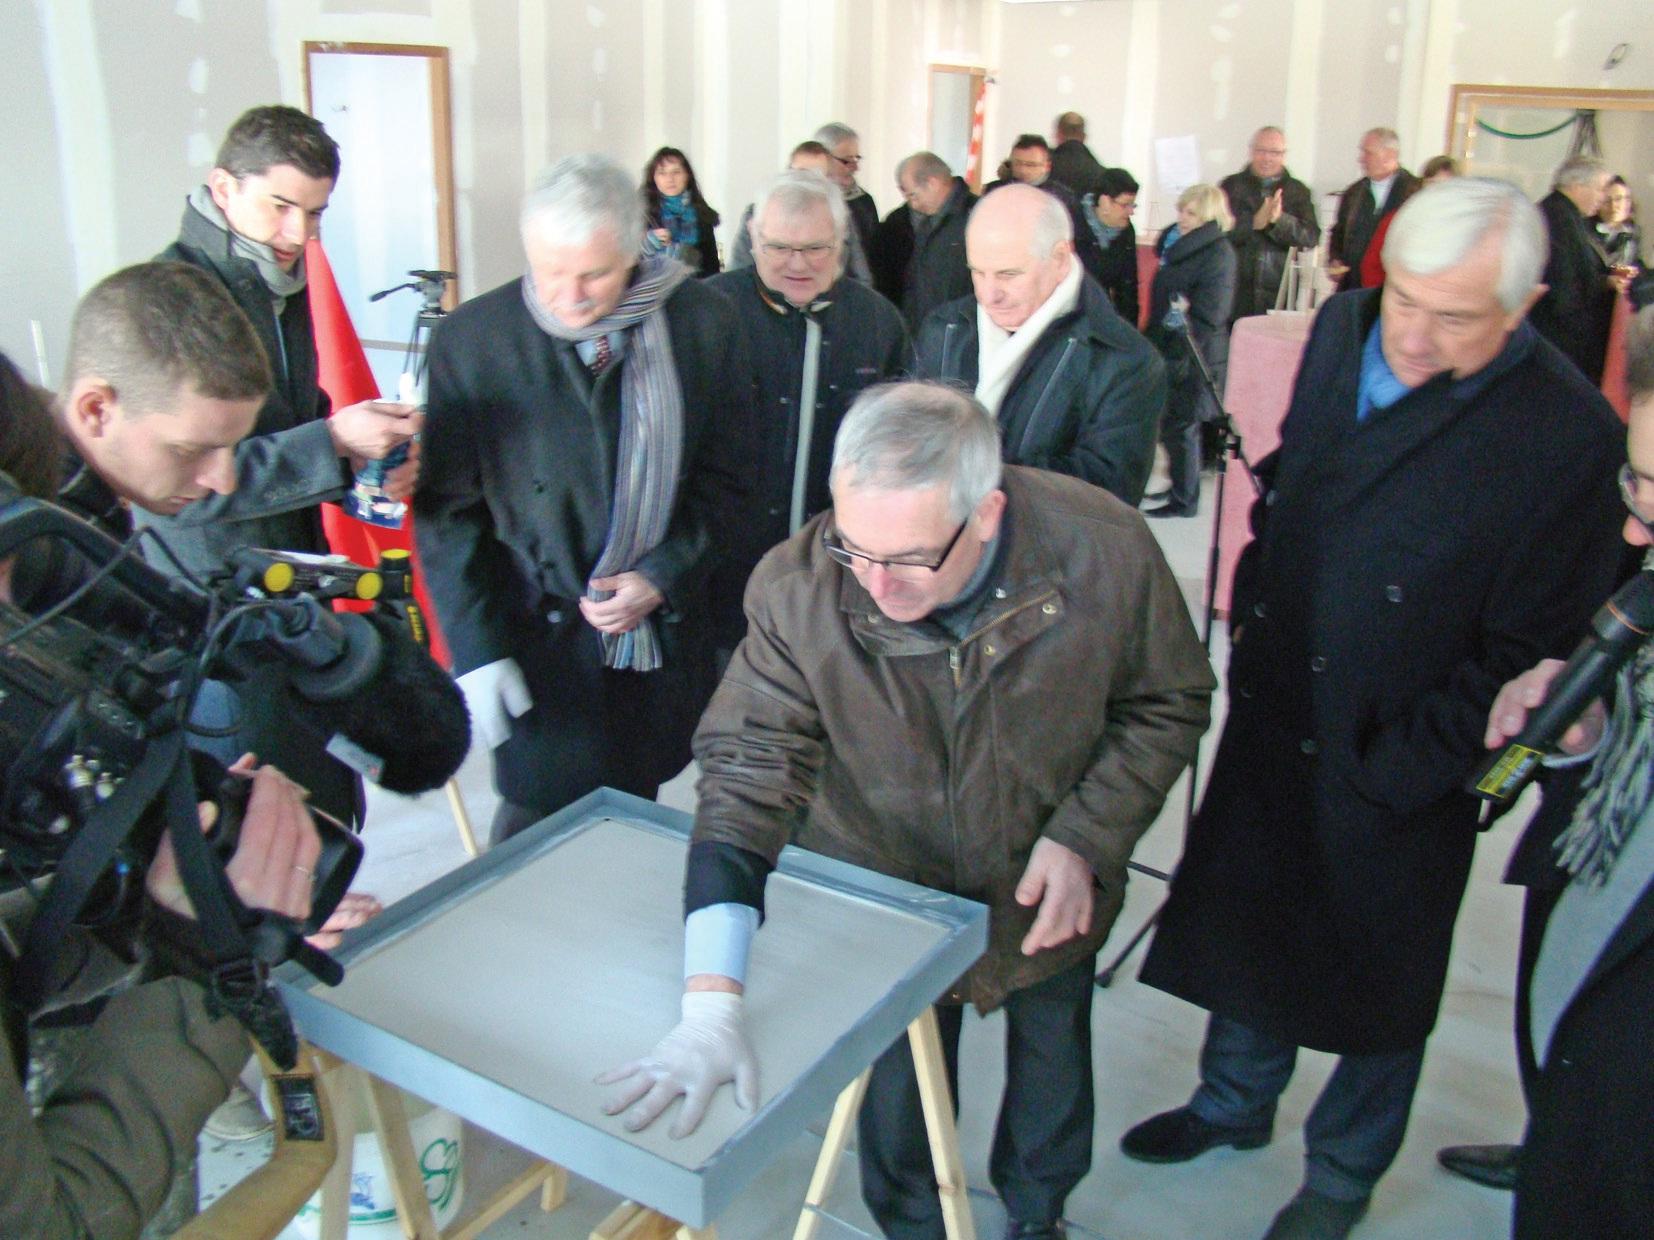 Le 7 février dernier, les partenaires de la crèche interentreprises de la ZAE Socx-Bergues s'étaient donné rendez-vous pour vérifier l'avancement du chantier.